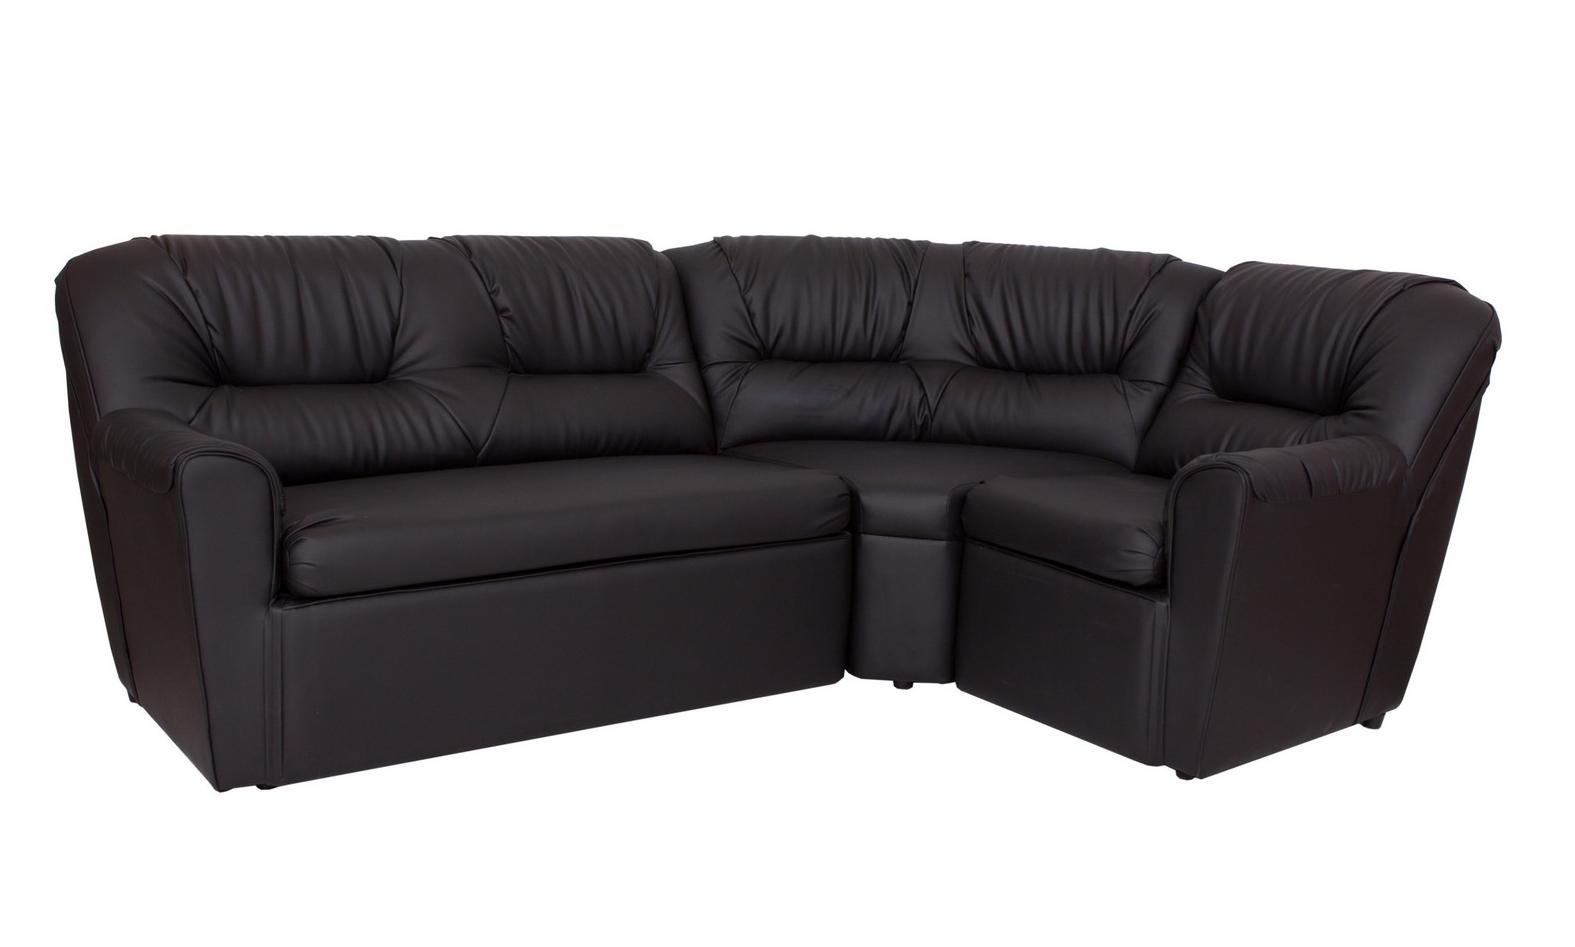 Модульный угловой диван Орион-3 модульный диван сен тропе 3